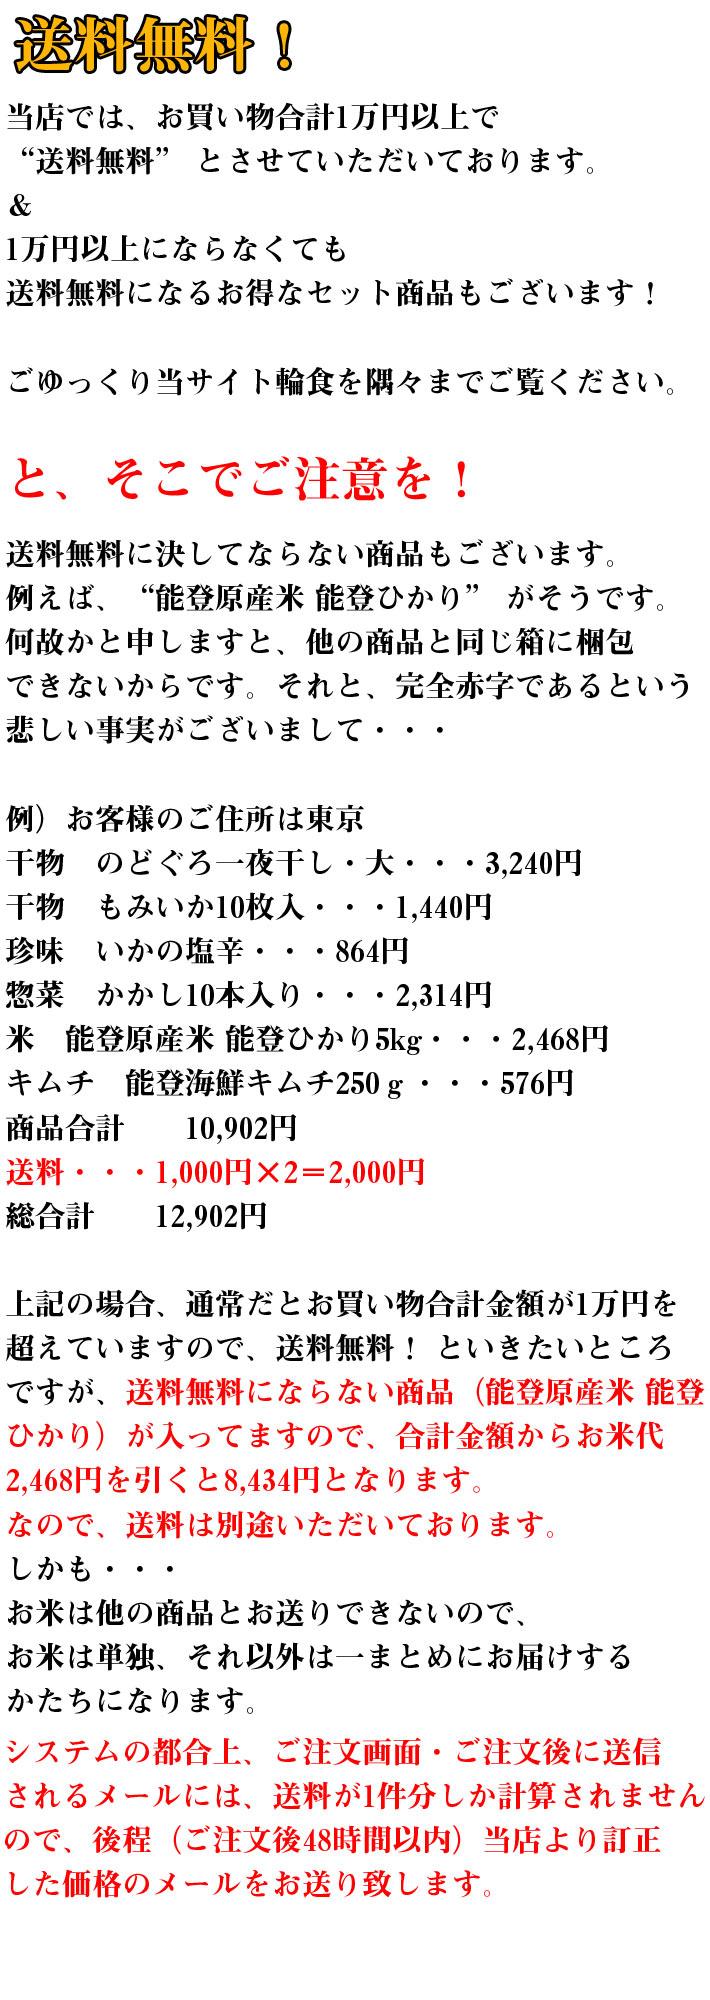 送料について|石川県能登・輪島のグルメ通販・お取り寄せサイト